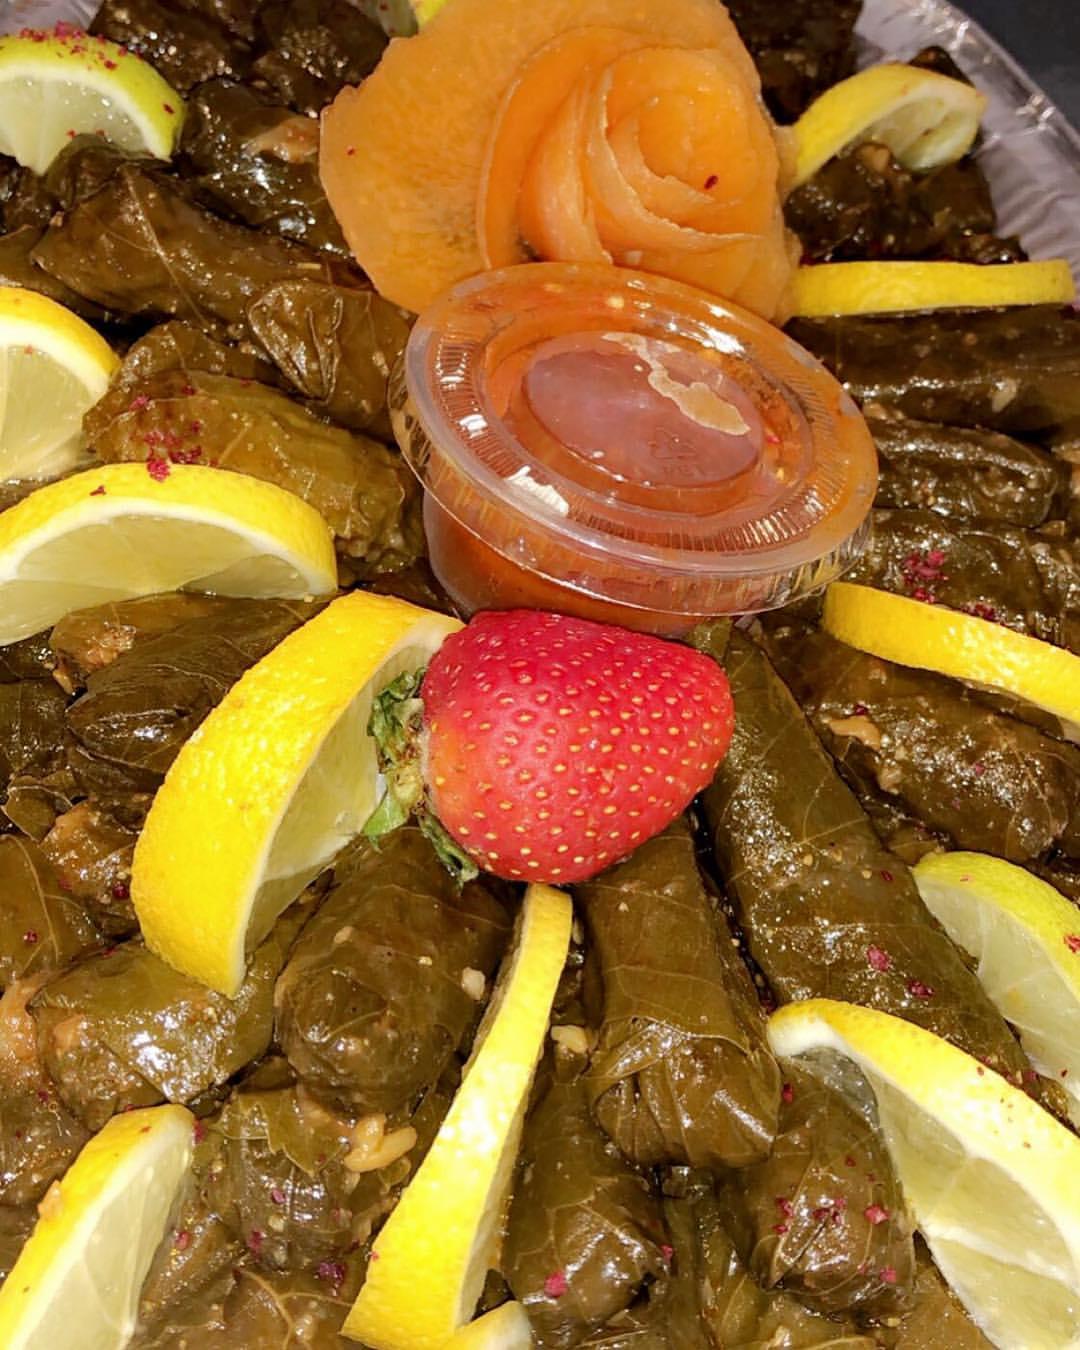 صور حريم طباخات في الطائف , تعرفي على افضل سيدات يقدمن طعام بيتي بمدينة الطائف